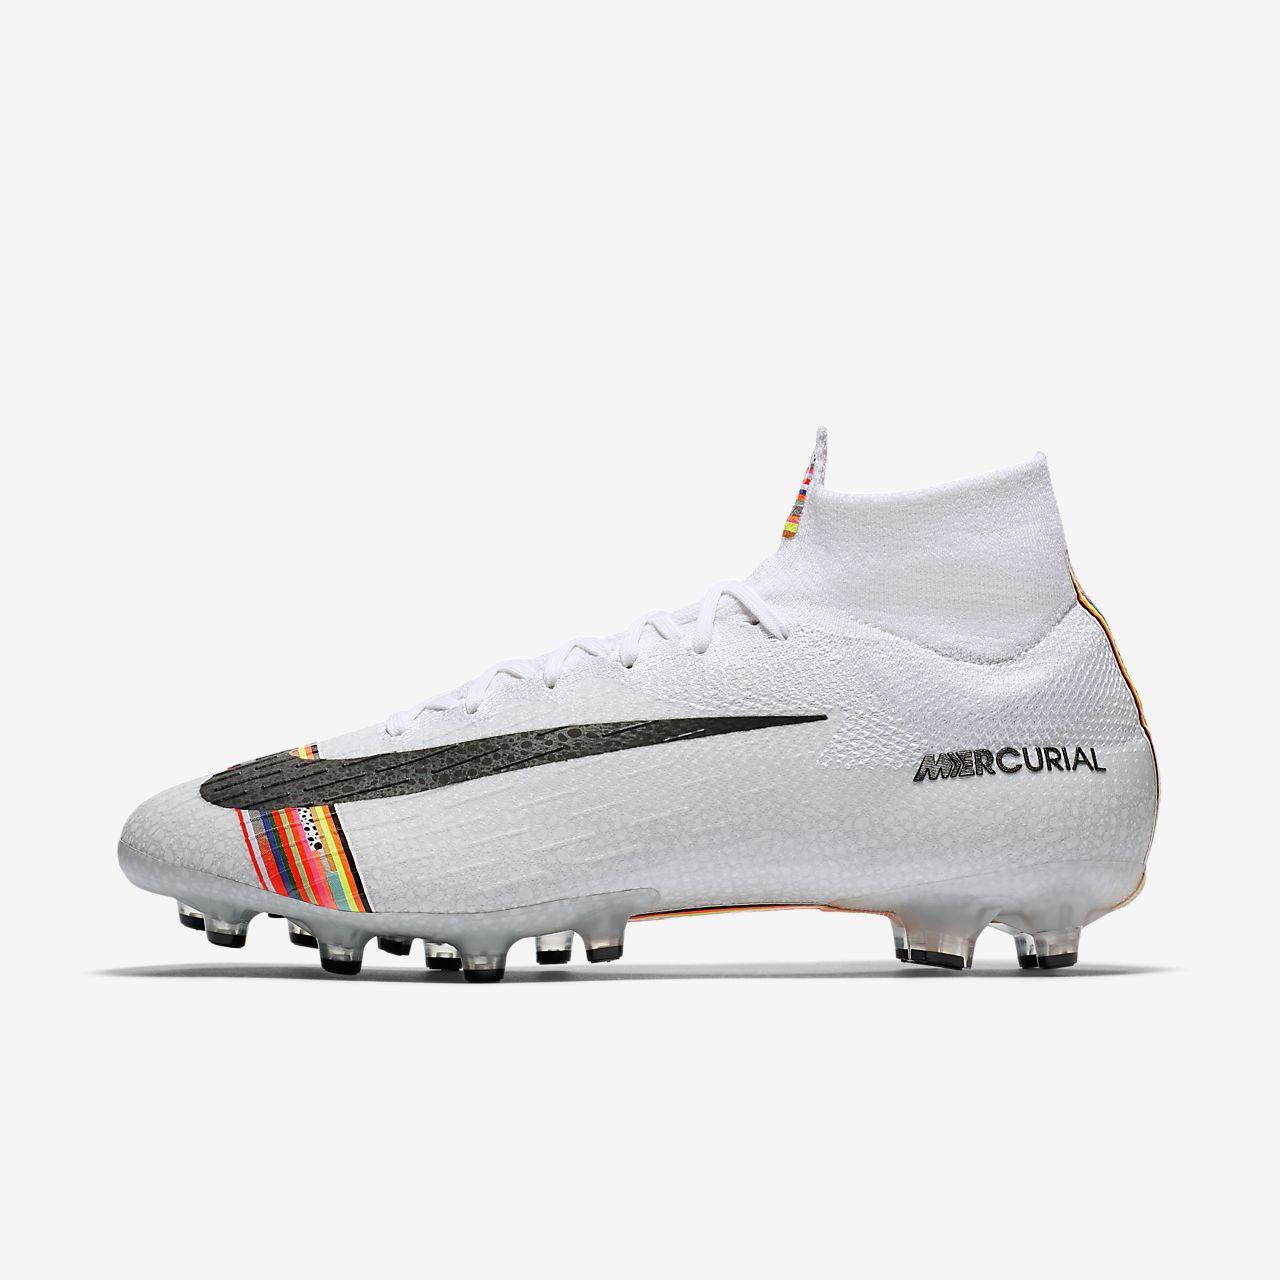 Nike Superfly 6 Elite AG-PRO műgyepre készült profi stoplis futballcipő